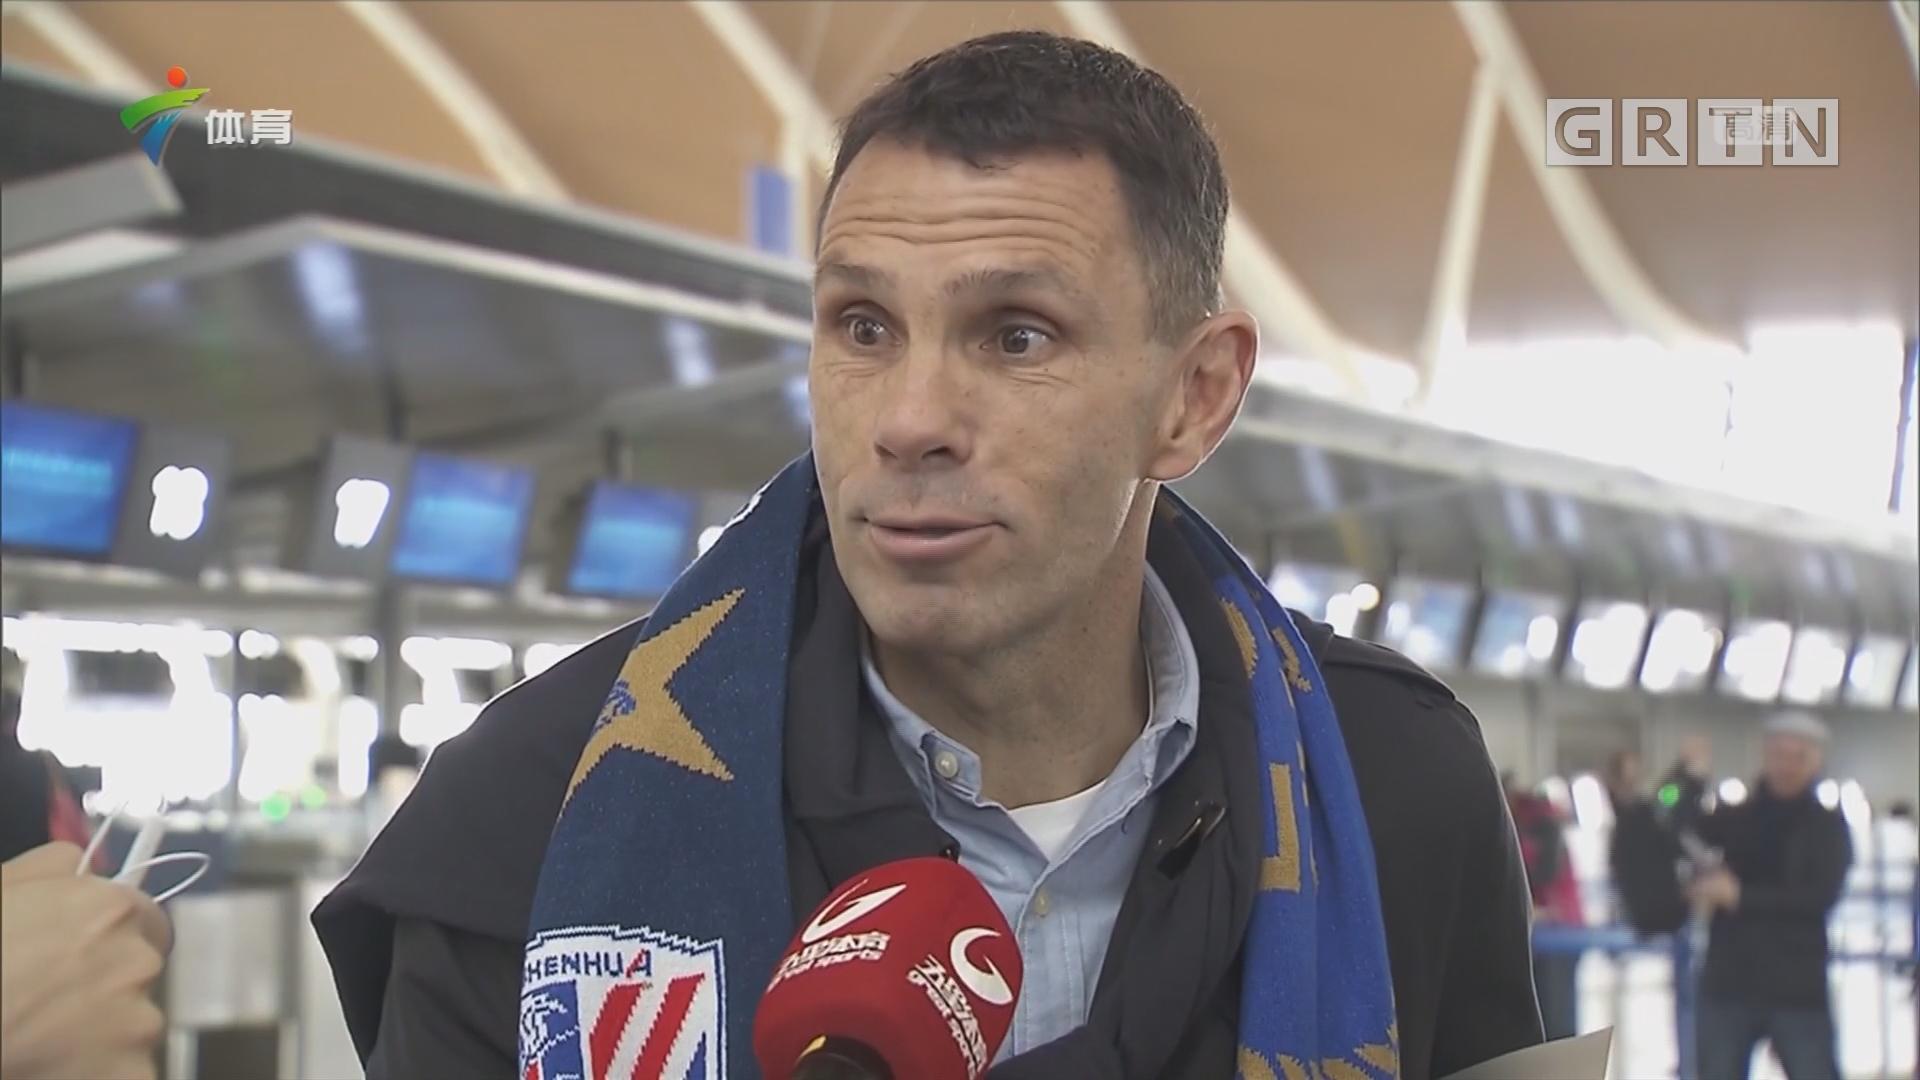 波耶特离沪 为申花足协杯夺冠而骄傲